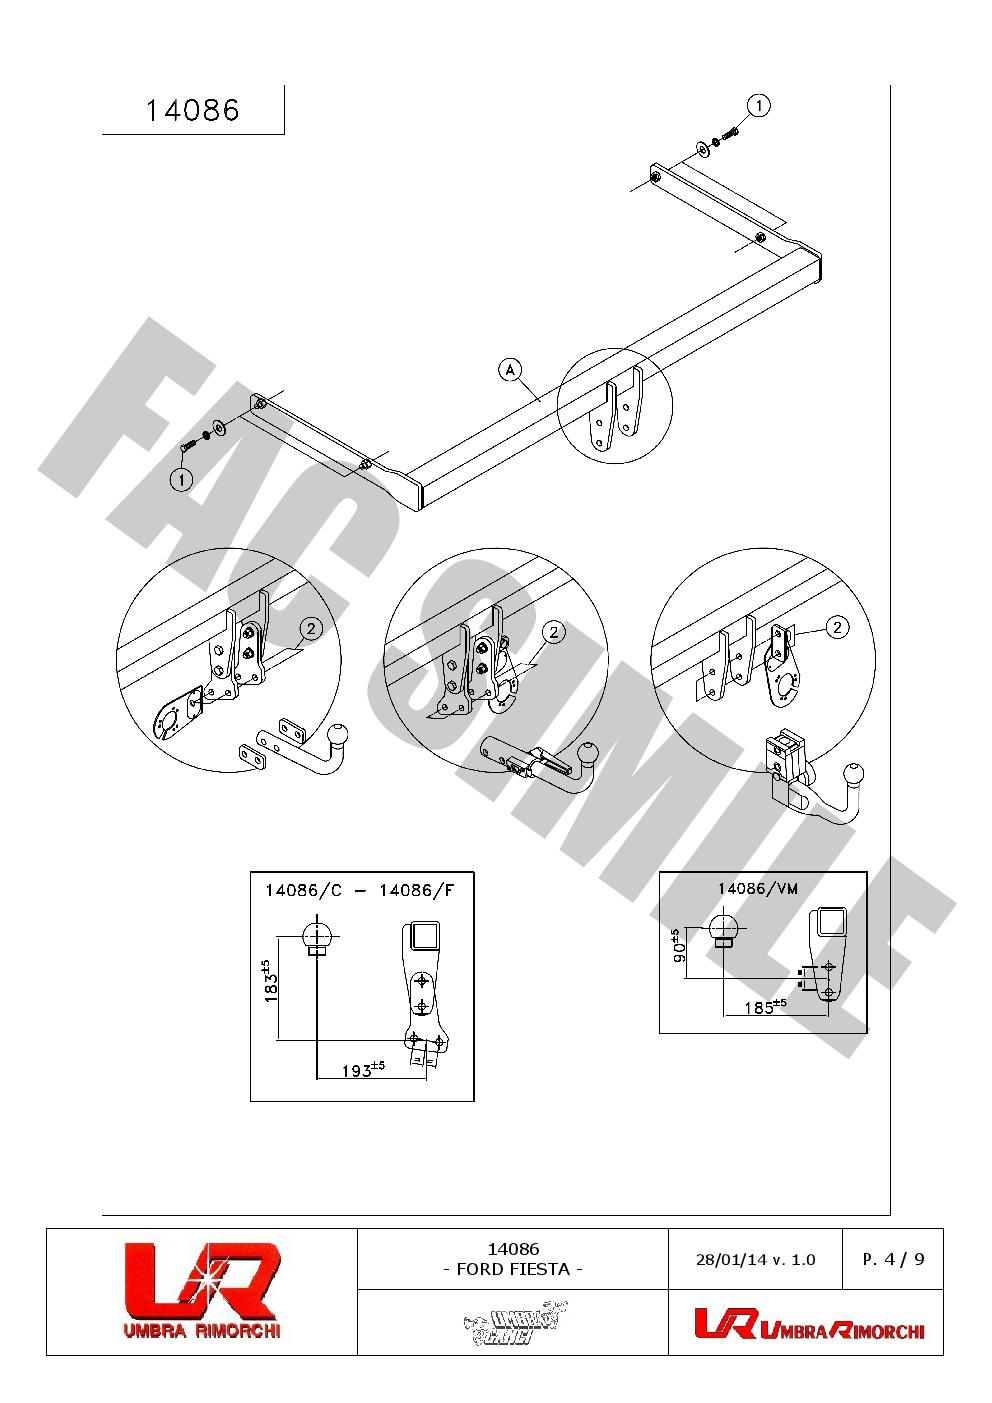 Attelage Col de Cygne pour Ford Focus Hayon 3-5portes 1500 75 05-07 14078//F/_B2